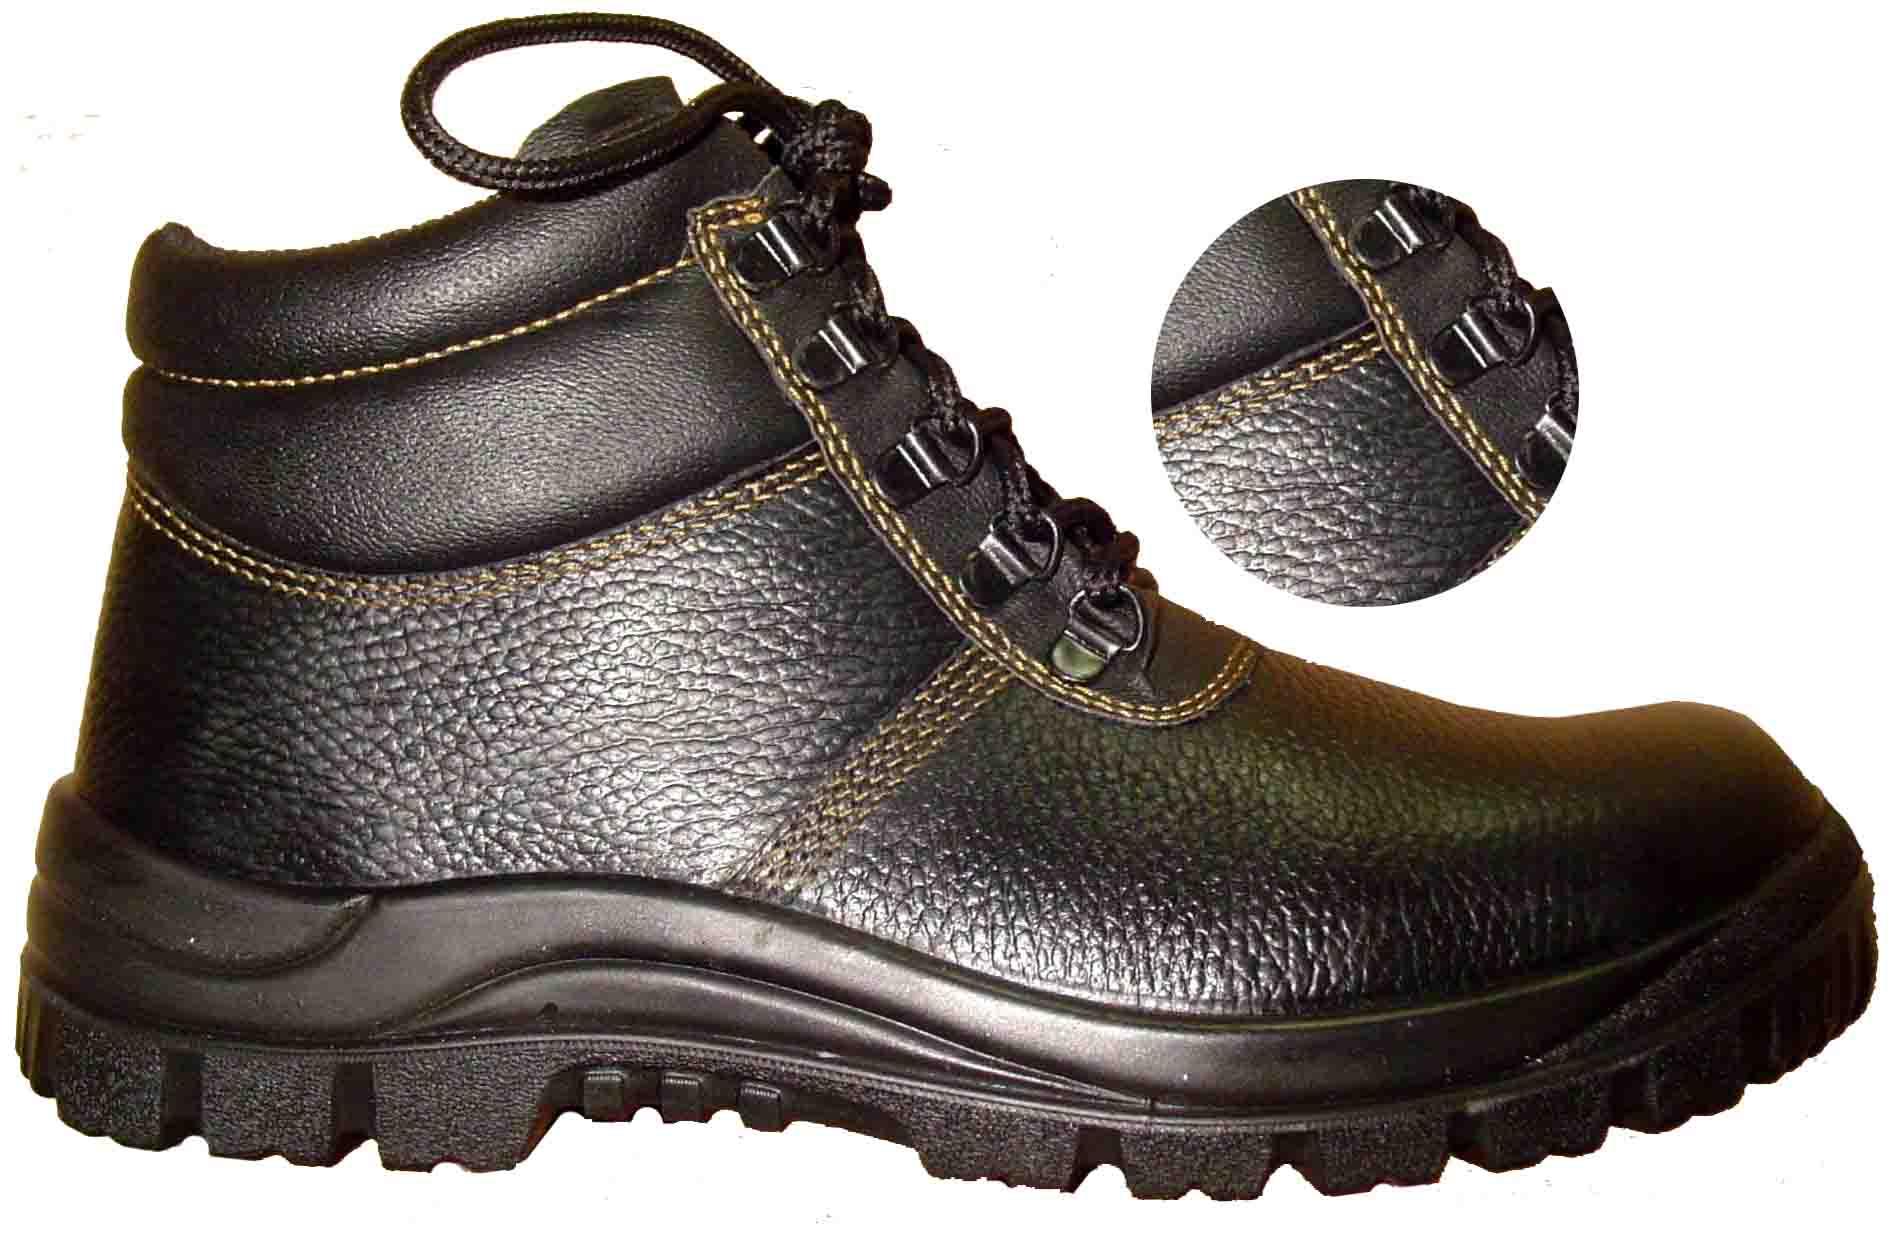 da,leather,da bò,da thật,giày nam,corrected grain leather